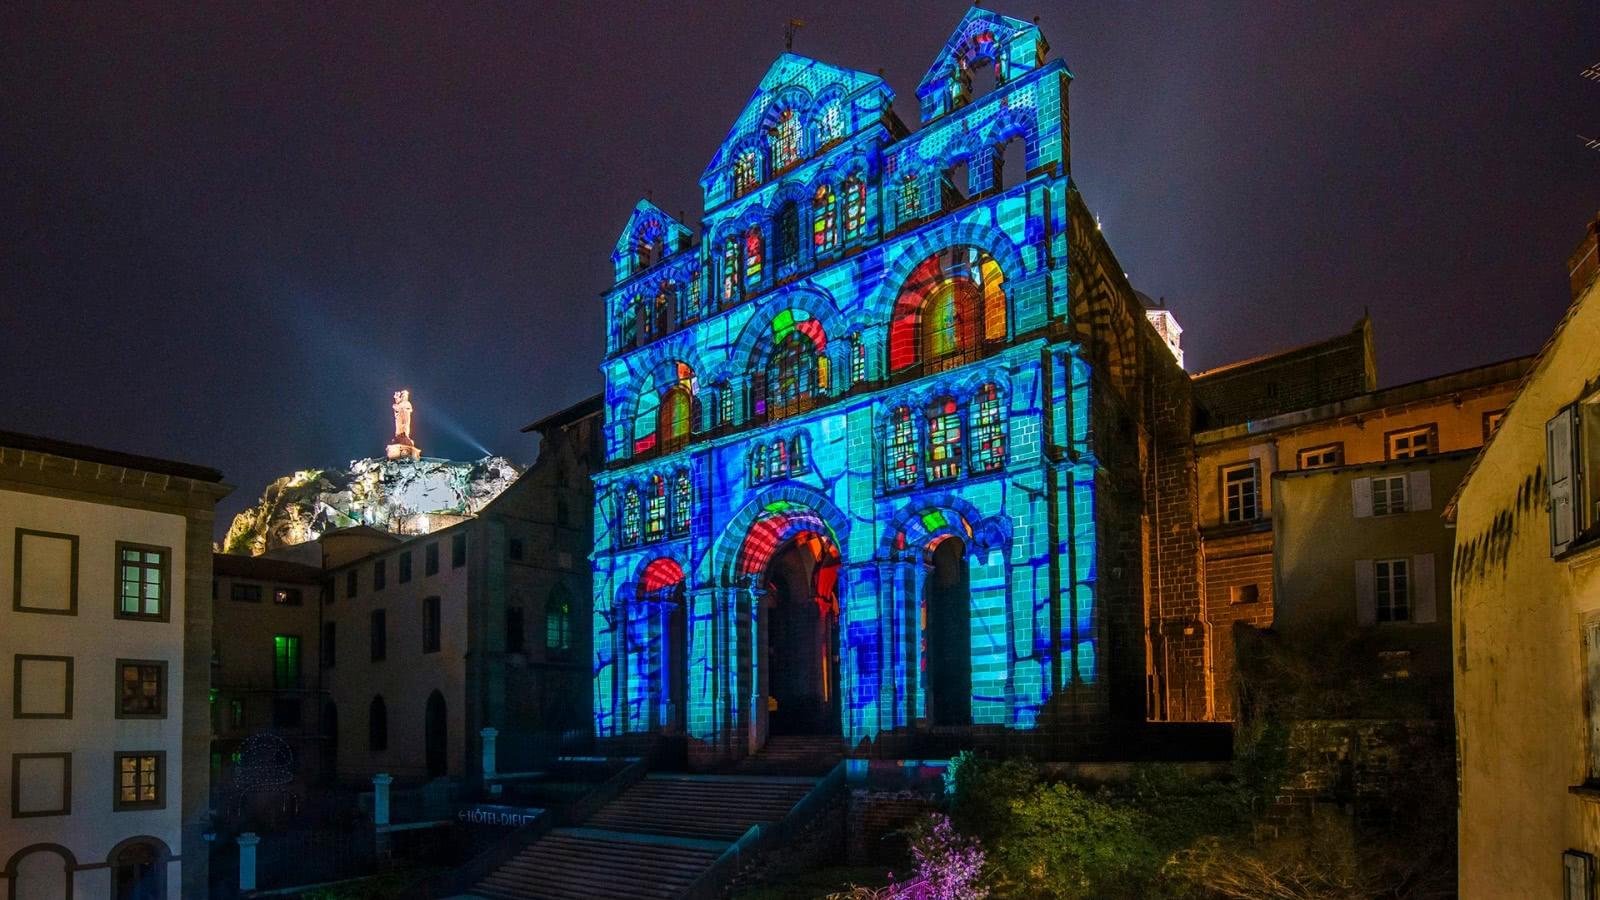 Le Puy-en-Velay (43) - Spectacle Puy de Lumières, Cathédrale du Puy-en-Velay